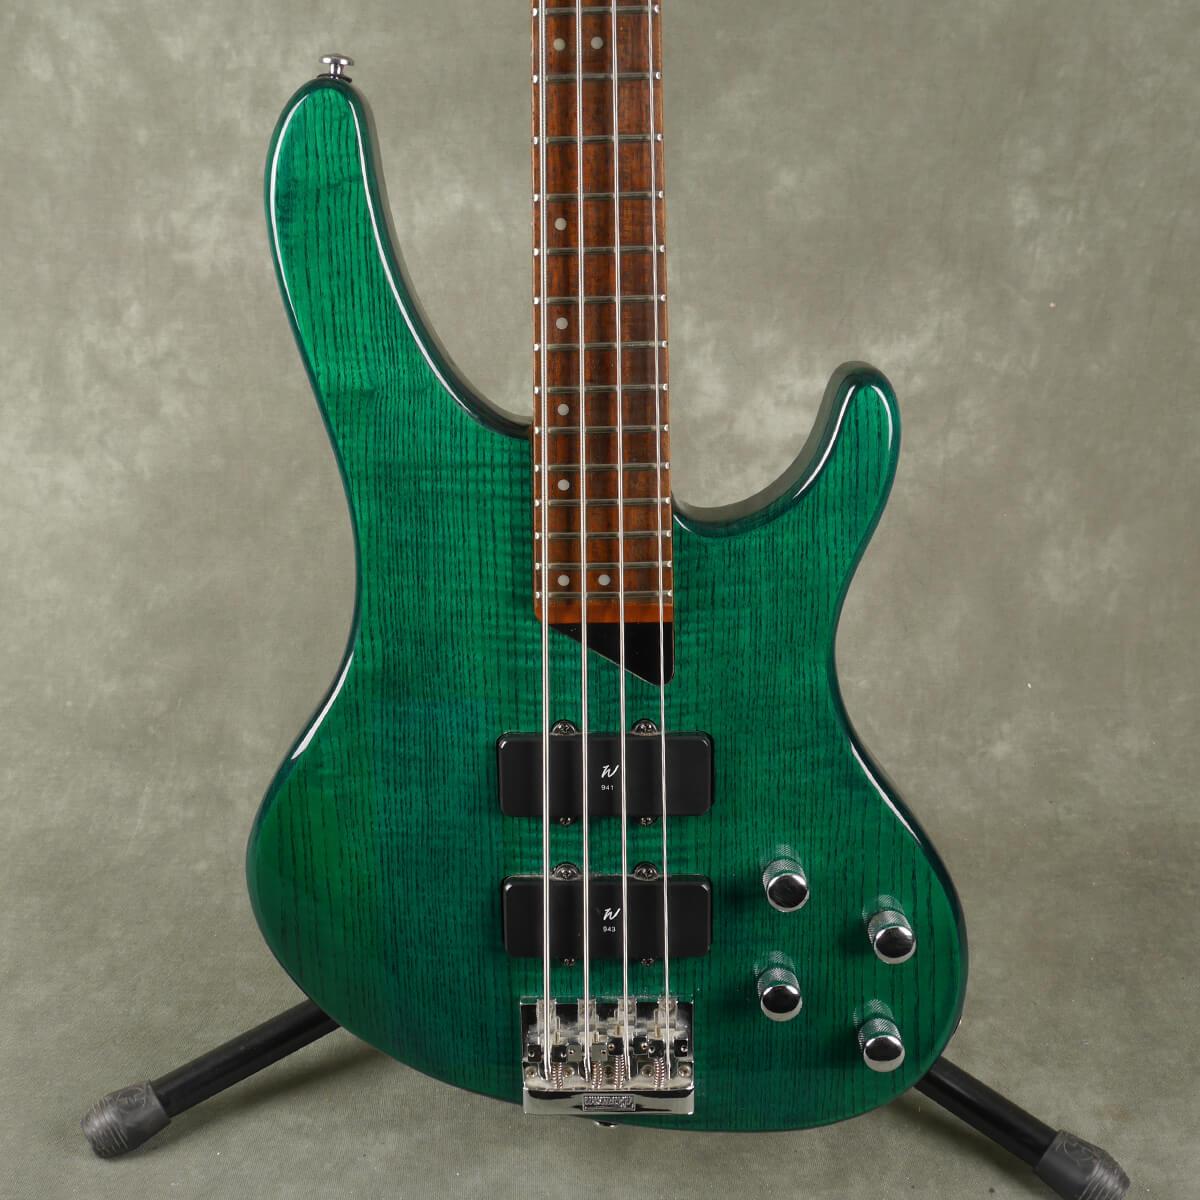 Washburn XB-400 Bass Guitar - Green - 2nd Hand